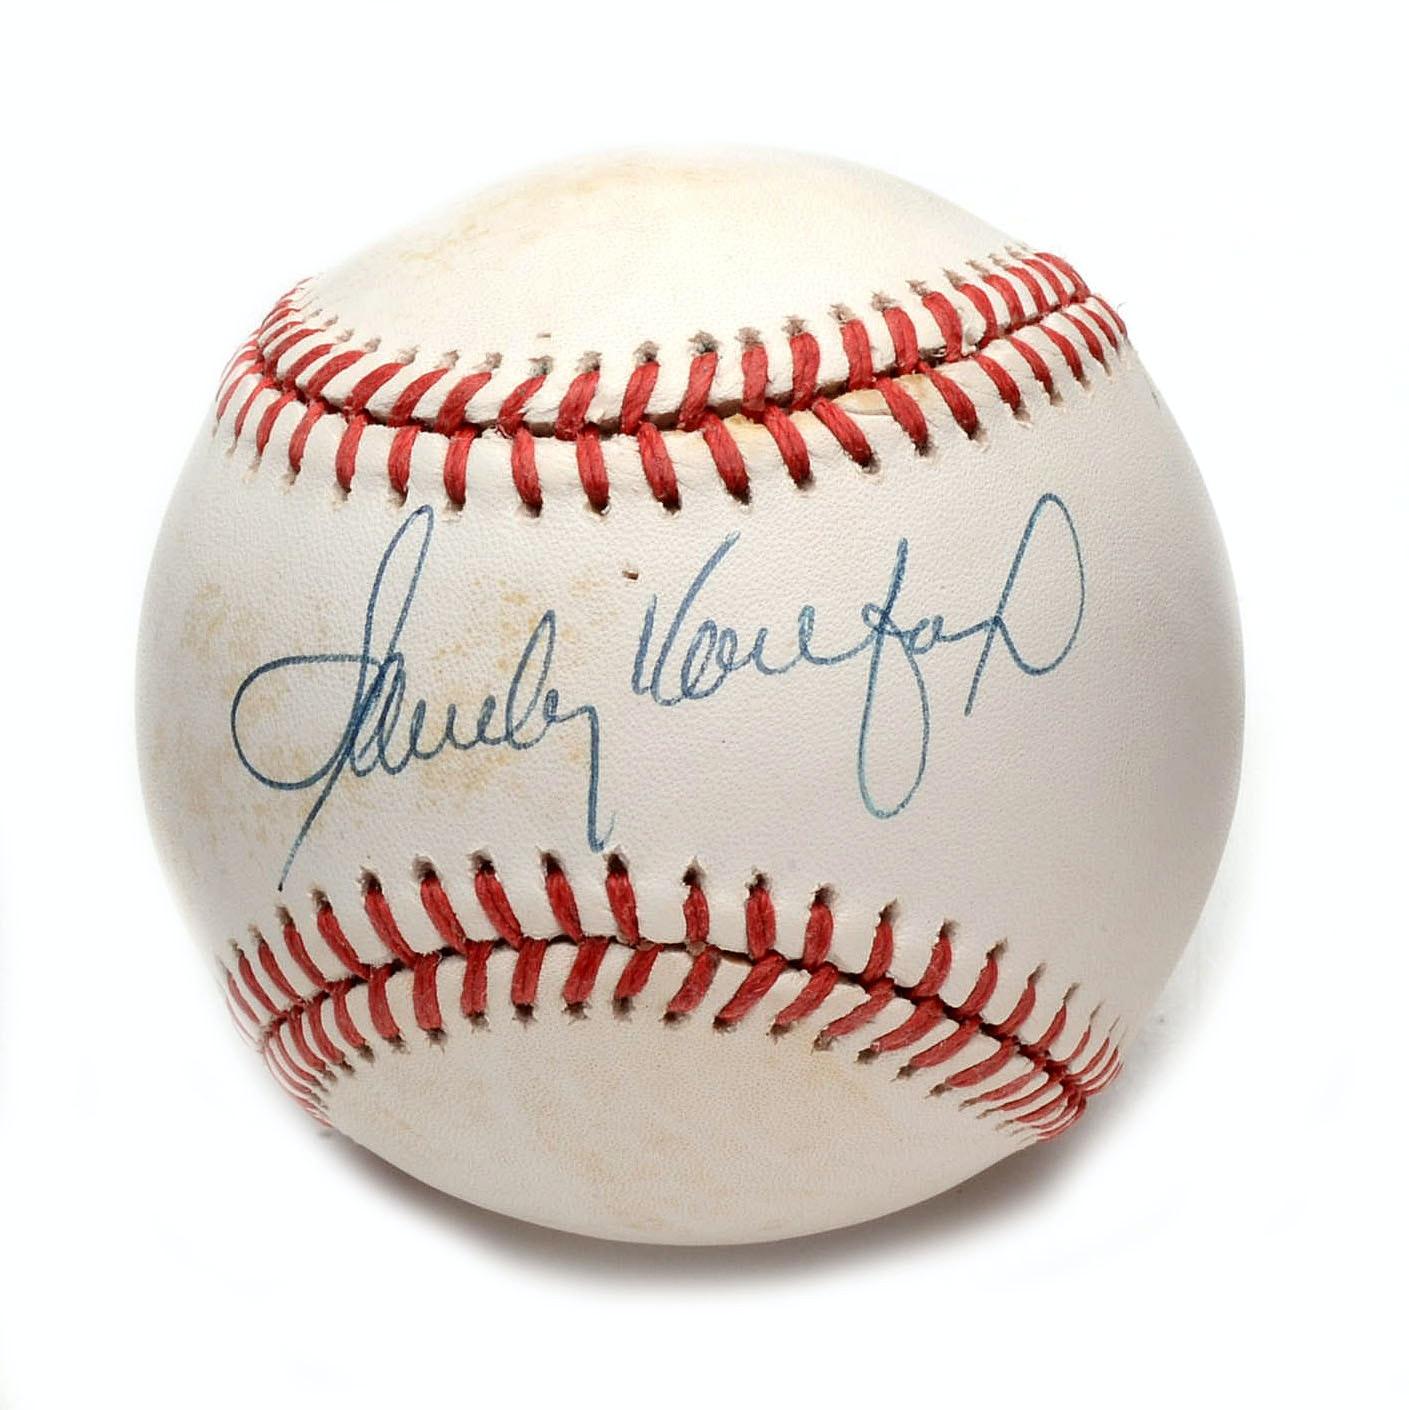 Sandy Koufax Signed Baseball  COA